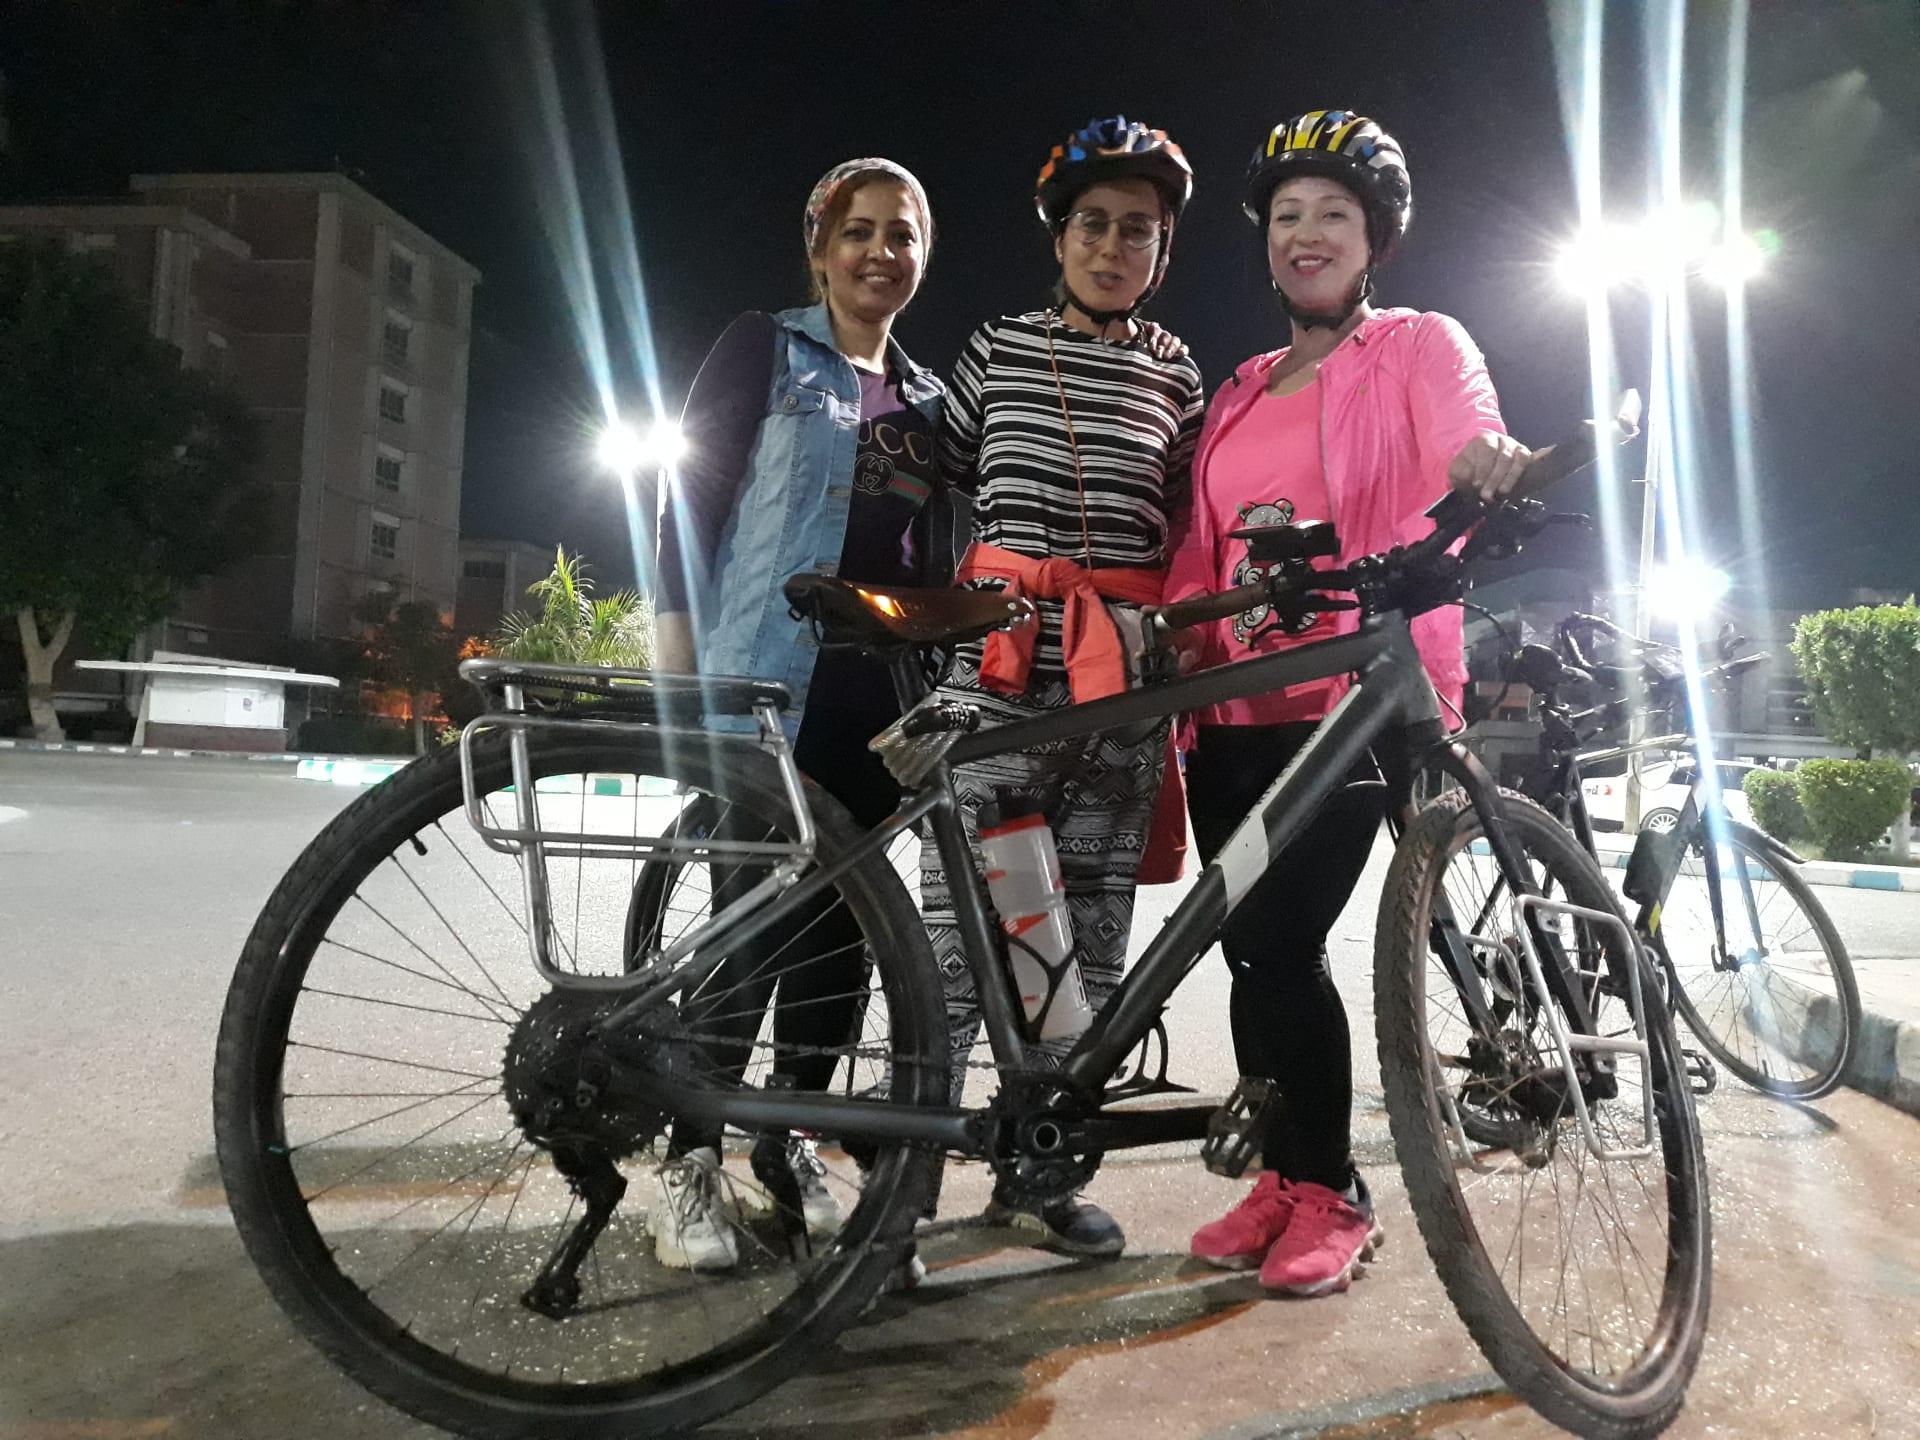 أول امرأة تصل إلى مكة بمفردها على الدراجة الهوائية